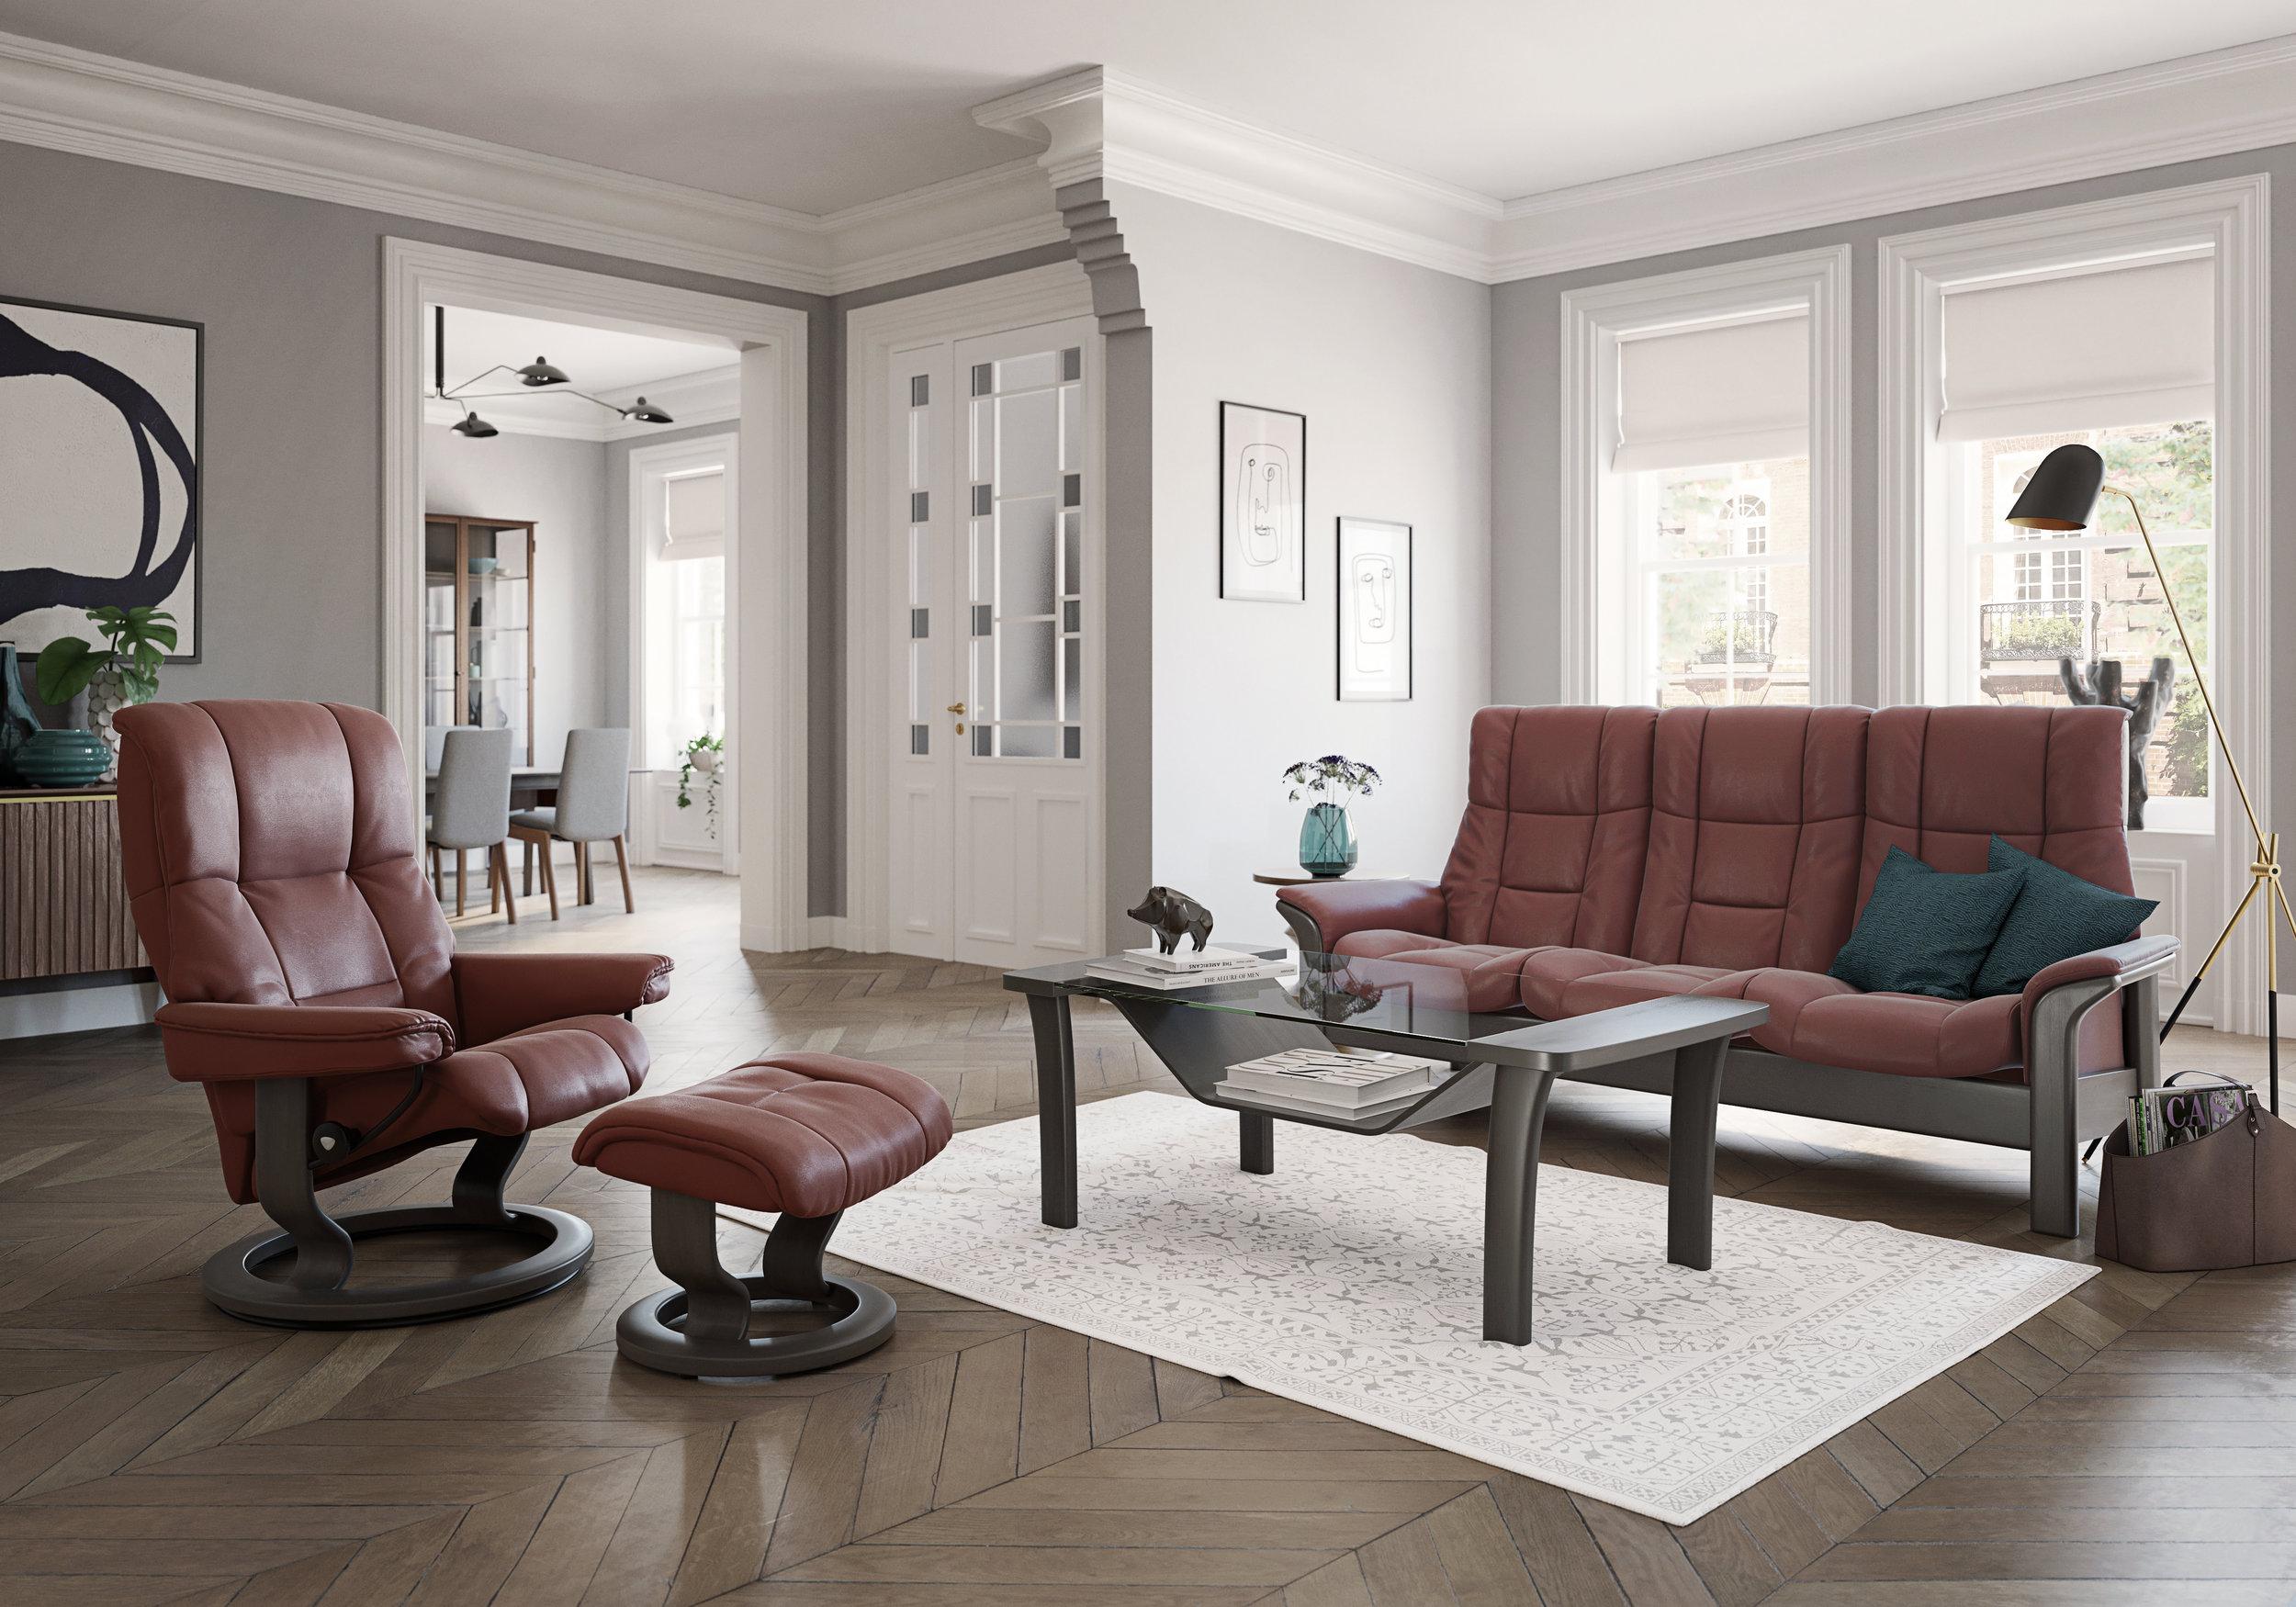 Stressless Mayfair & Stressless Windsor Sofa